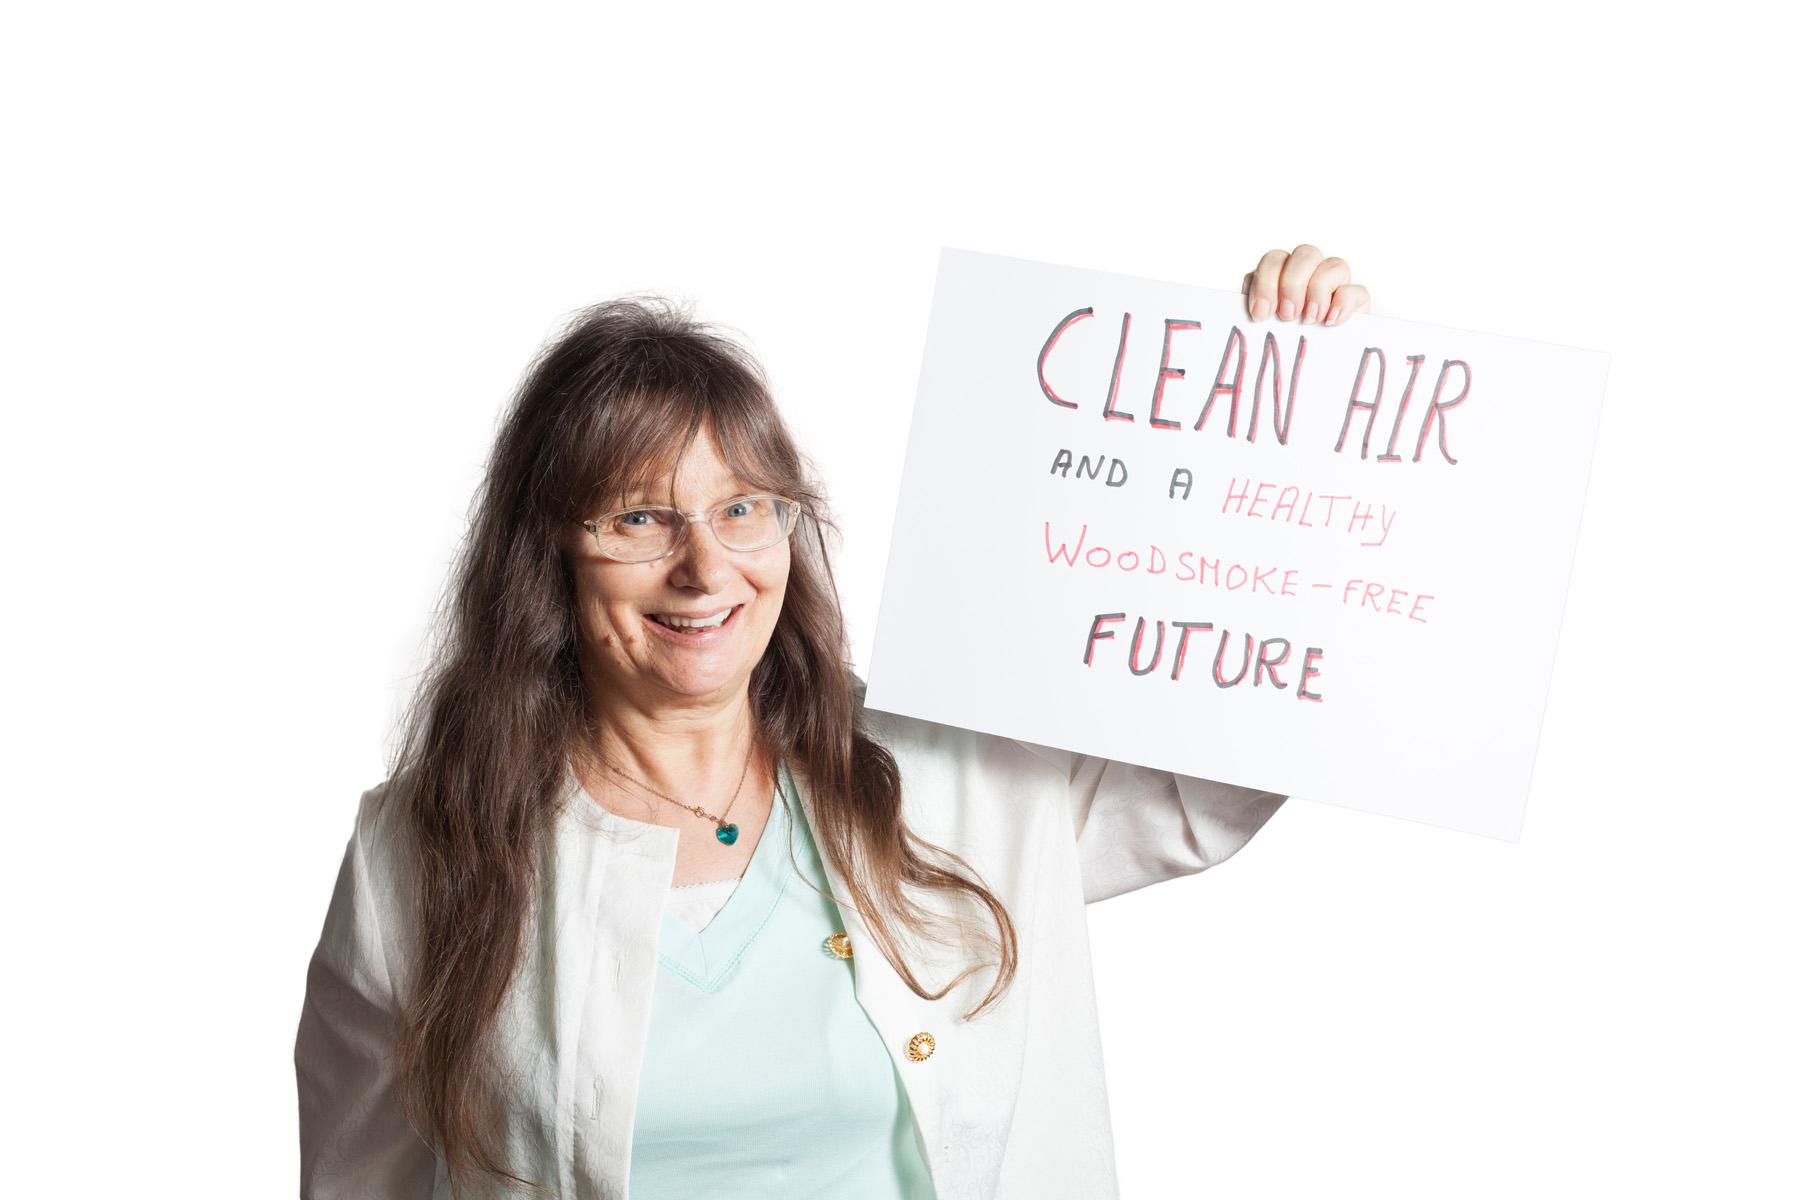 clean_air_healthy_woodsmoke_free.jpg